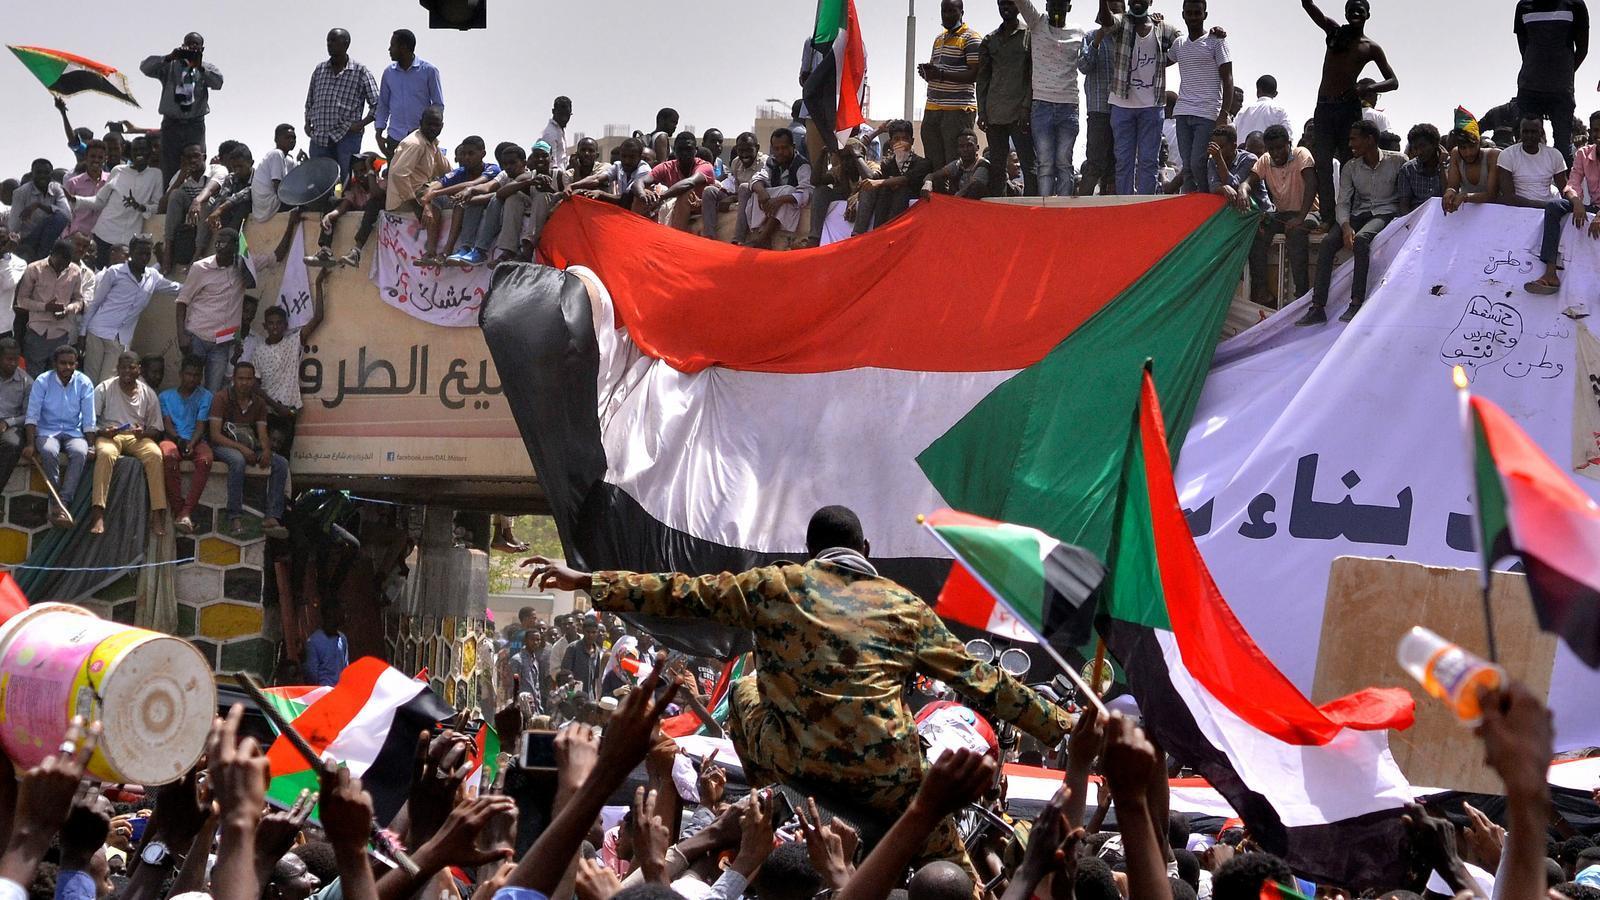 L'exèrcit convoca eleccions anticipades d'aquí nou mesos al Sudan